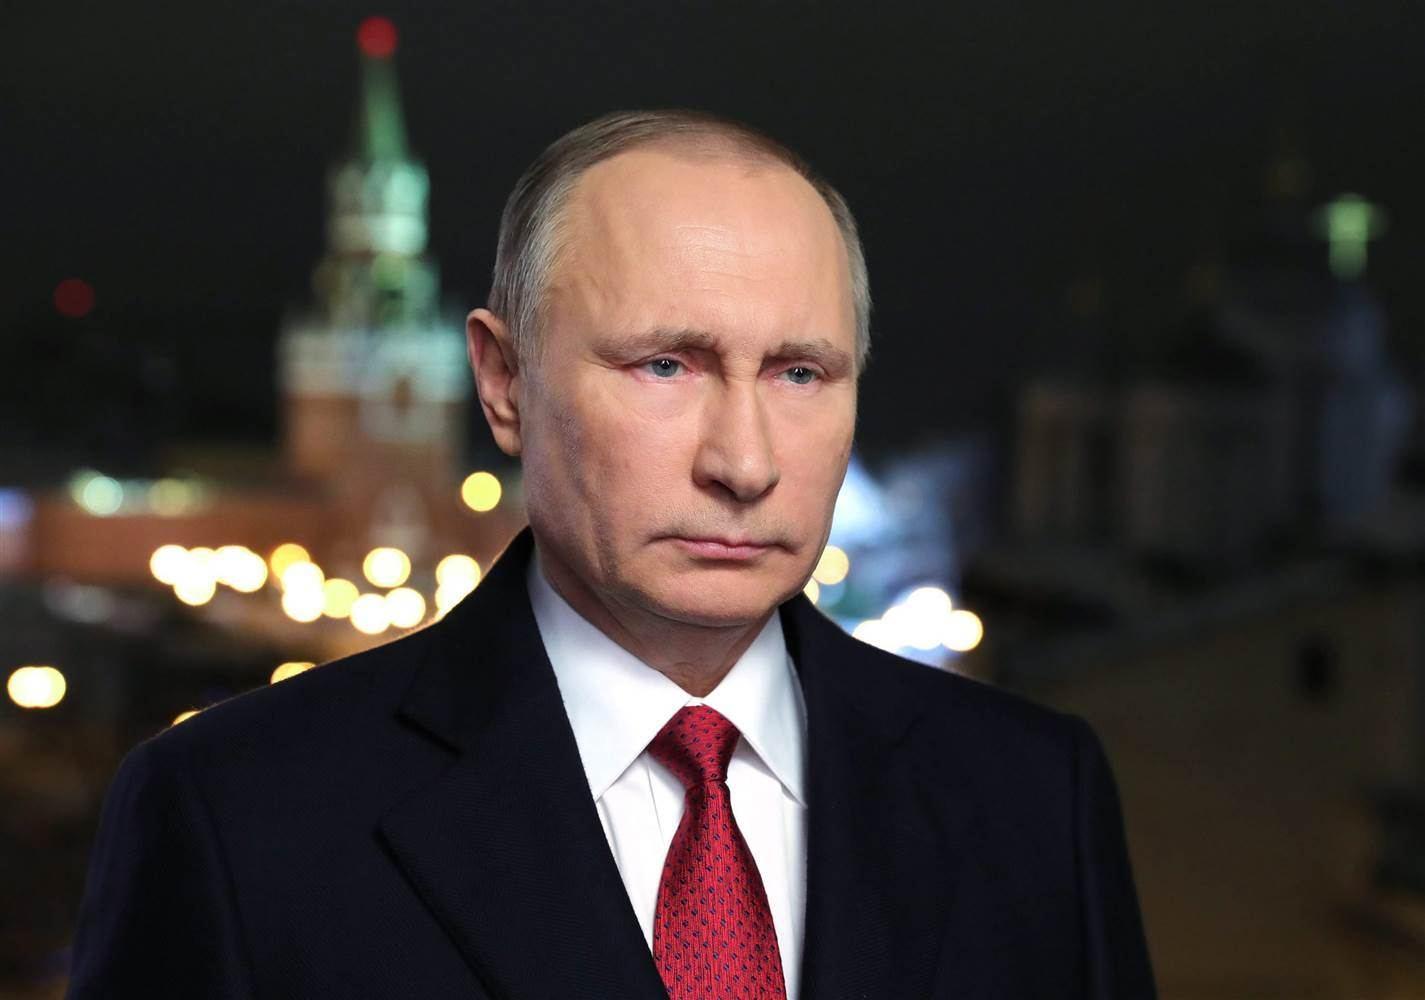 普京:2018年俄罗斯GDP增速为1.8%,黄金外汇储备达到4640亿美元